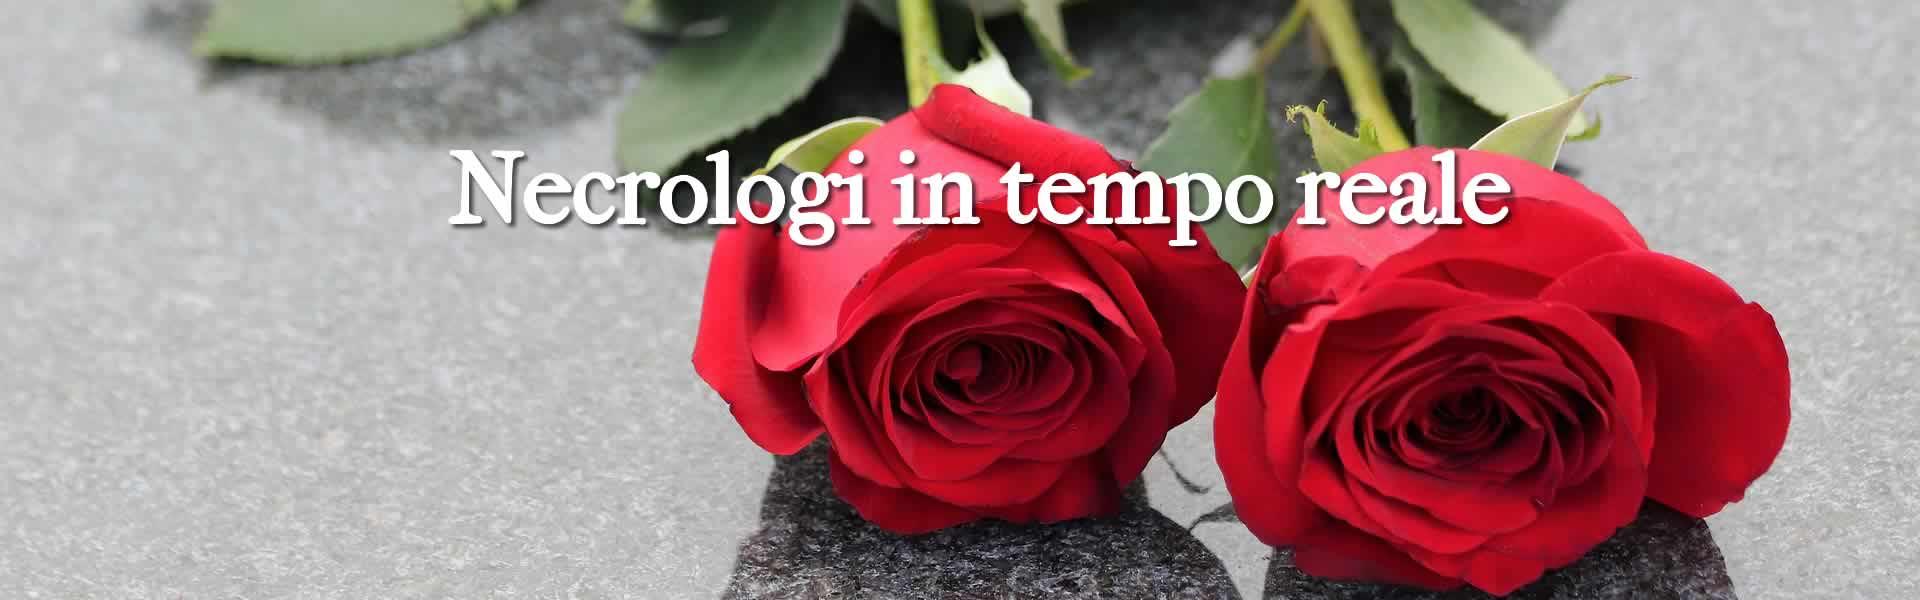 Rose per lapide cimiteriale